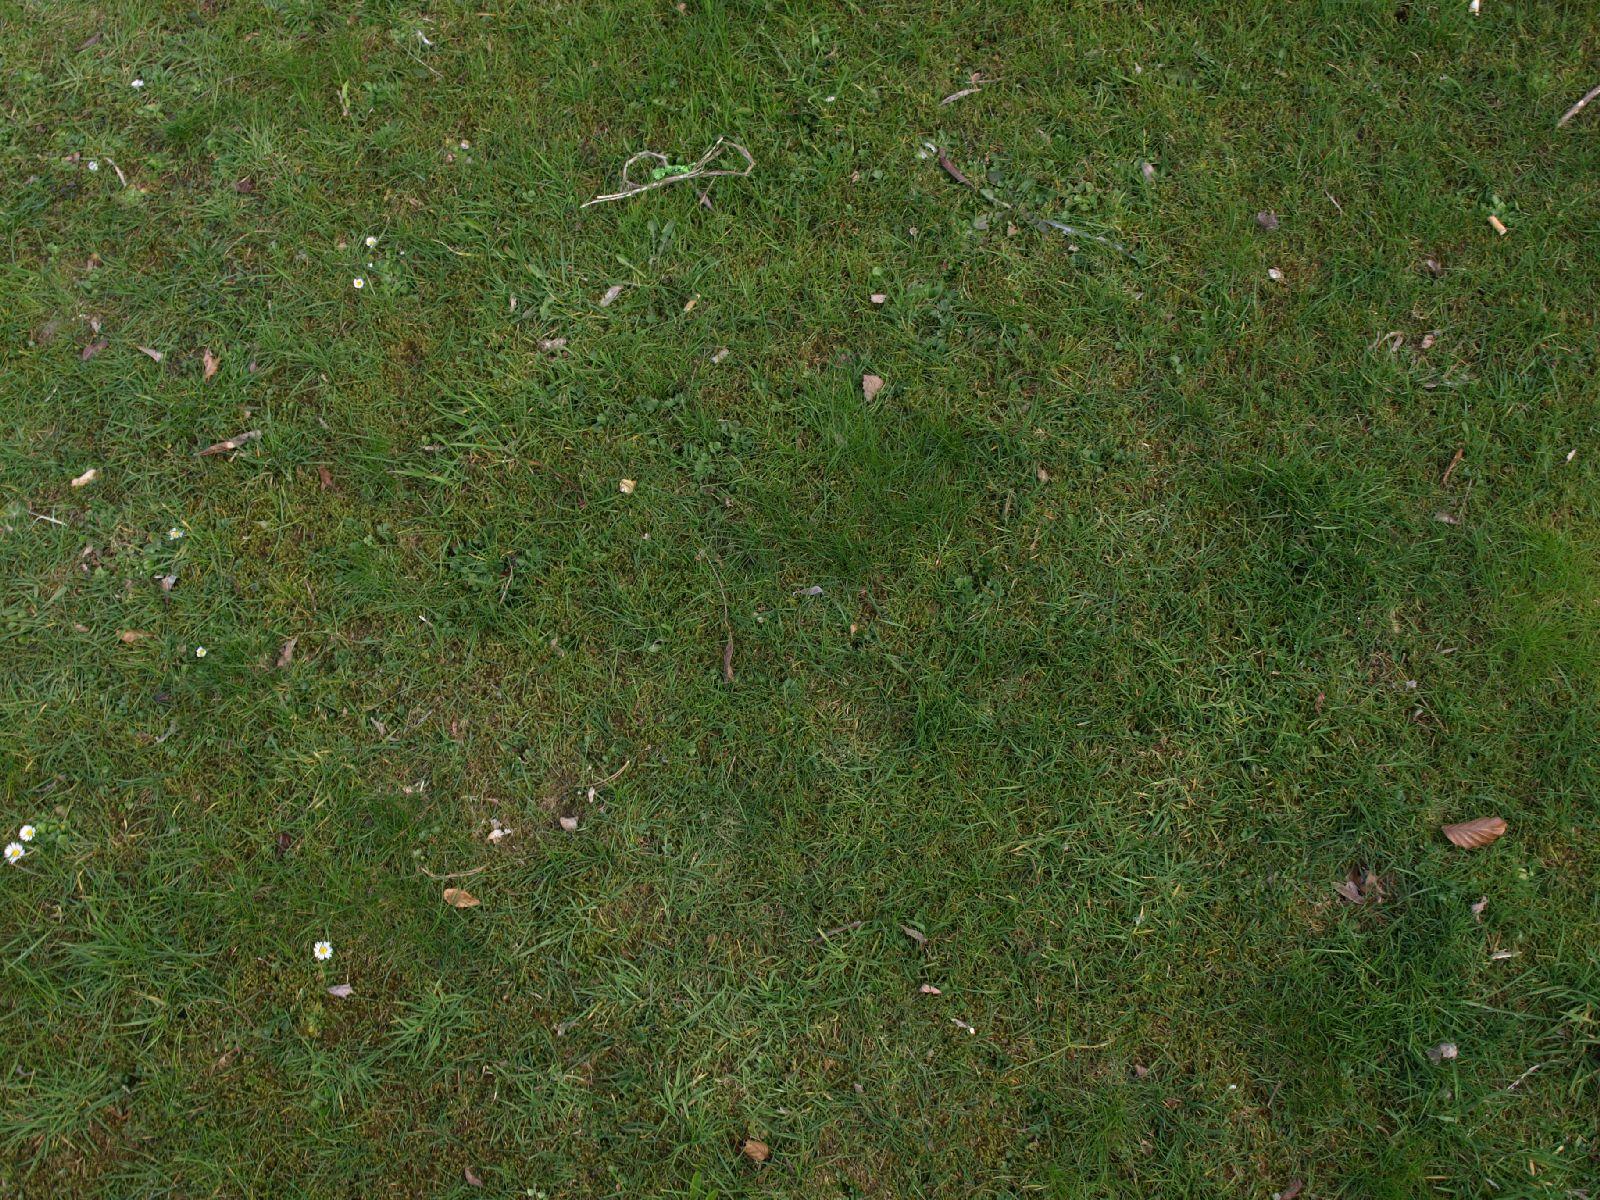 Boden-Gras-Moos-Blumen_Textur_A_P4120955